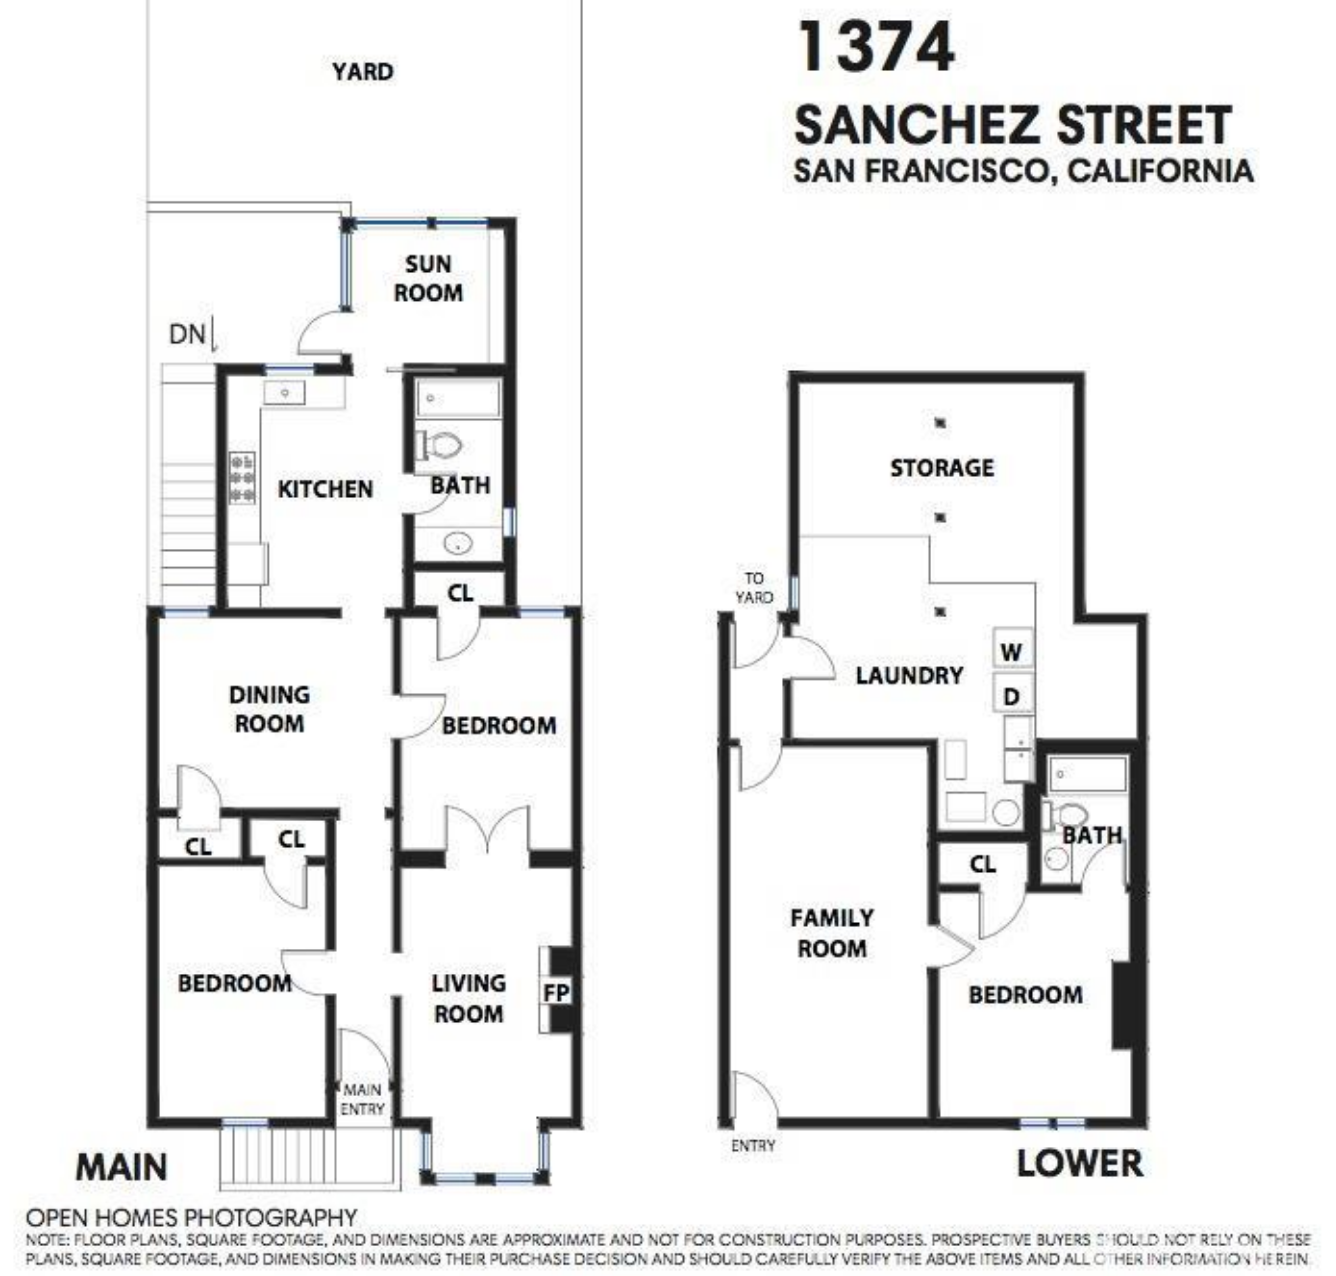 1374 Sanchez Street - Floor Plan